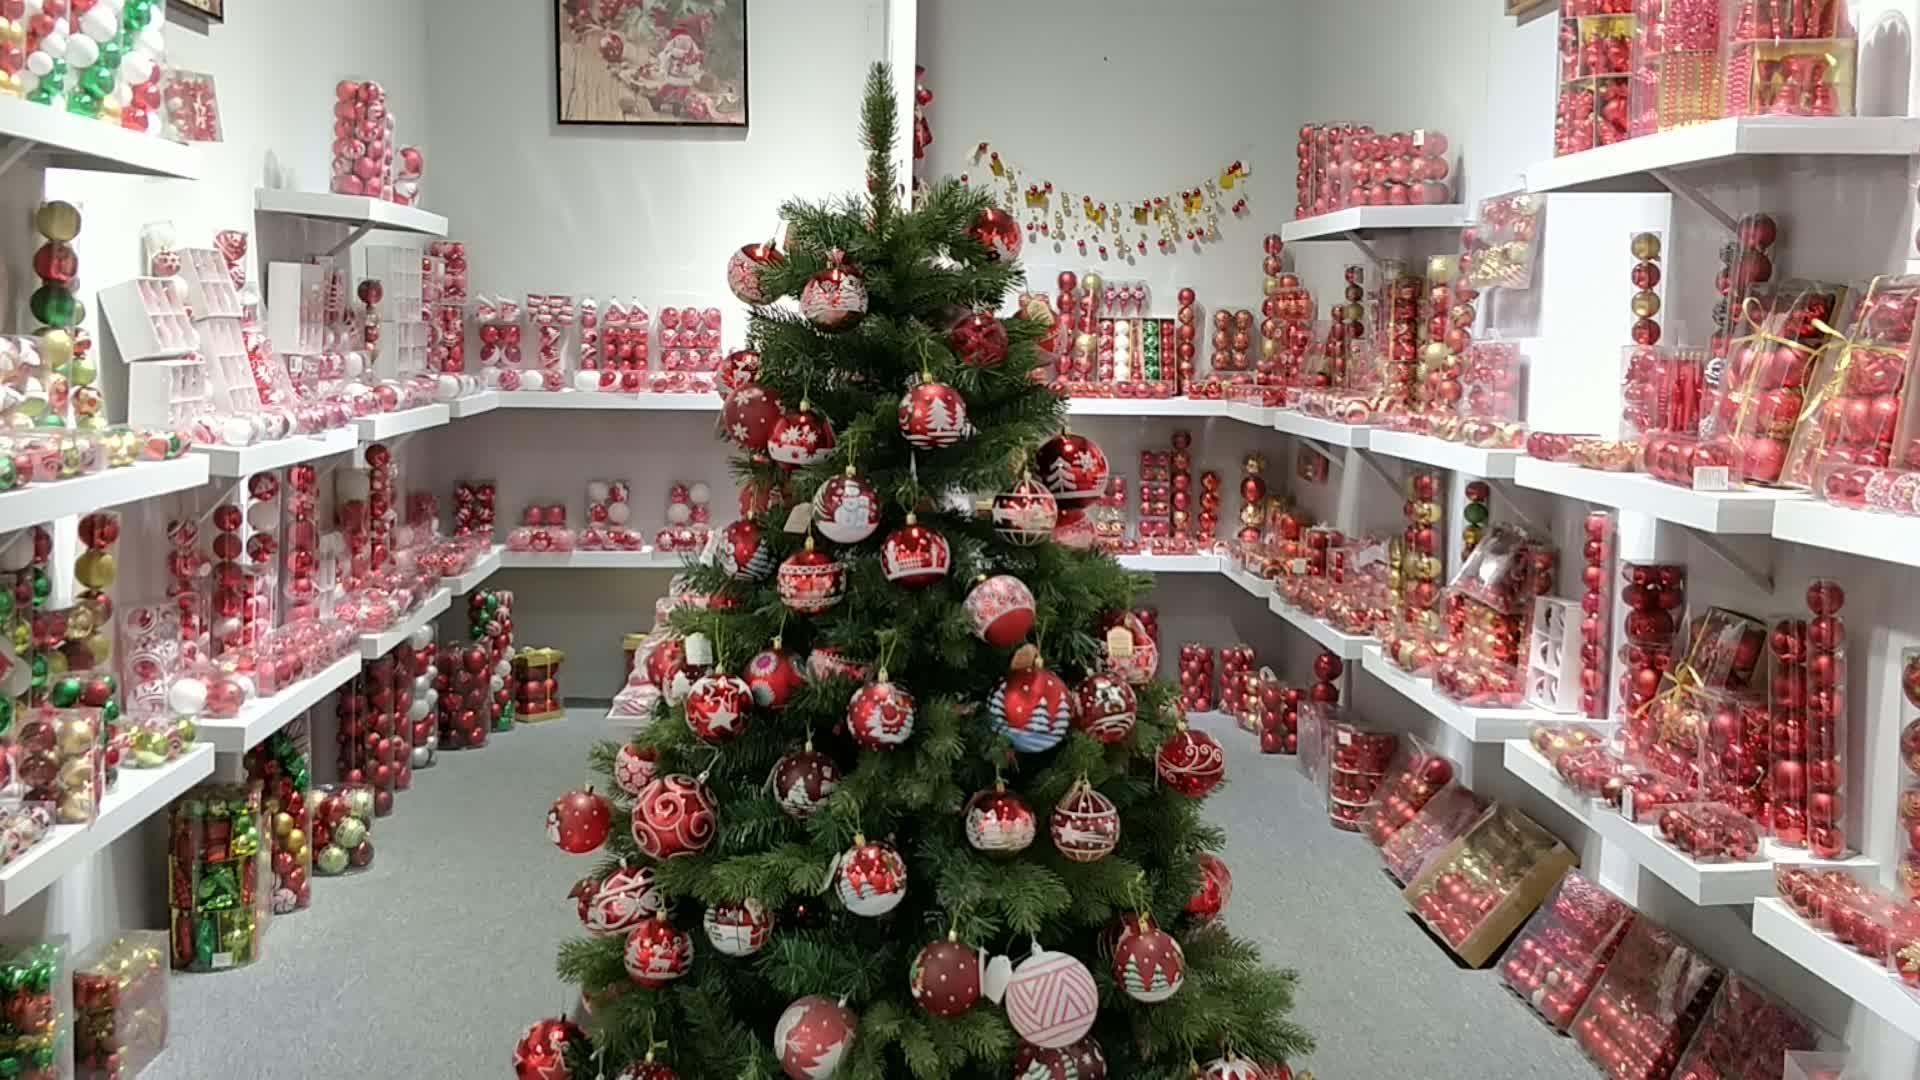 150 ซม.ออกแบบใหม่คำแนะนำใหม่พับ pvc Christmas tree